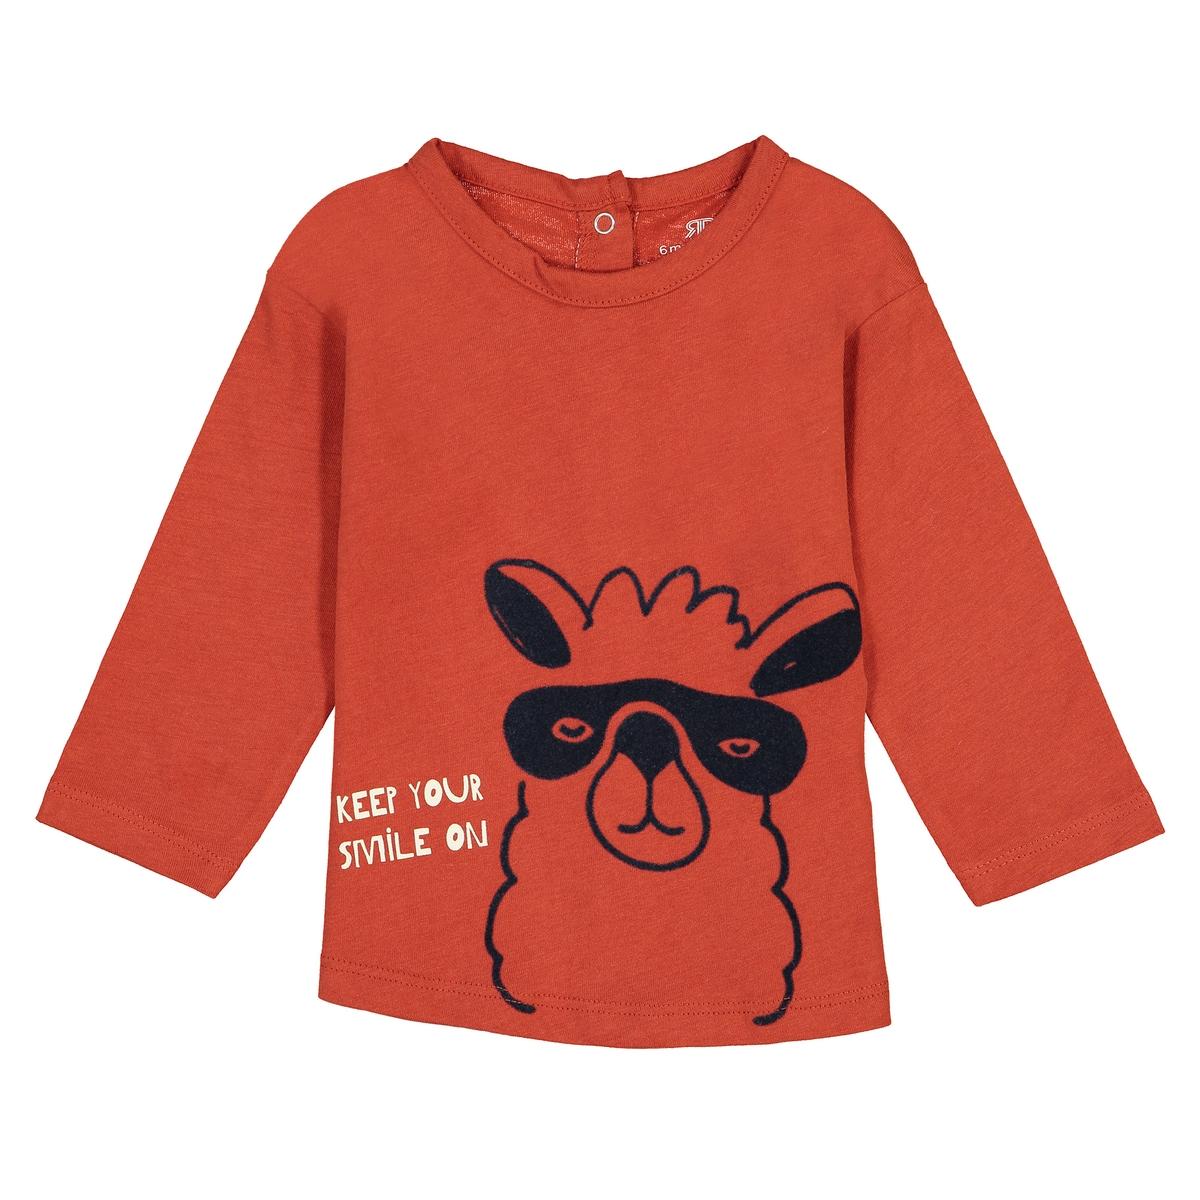 Футболка La Redoute С длинными рукавами и рисунком лама мес - мес 0 мес. - 50 см оранжевый свитшот la redoute с рисунком спереди мес лет 1 мес 54 см желтый